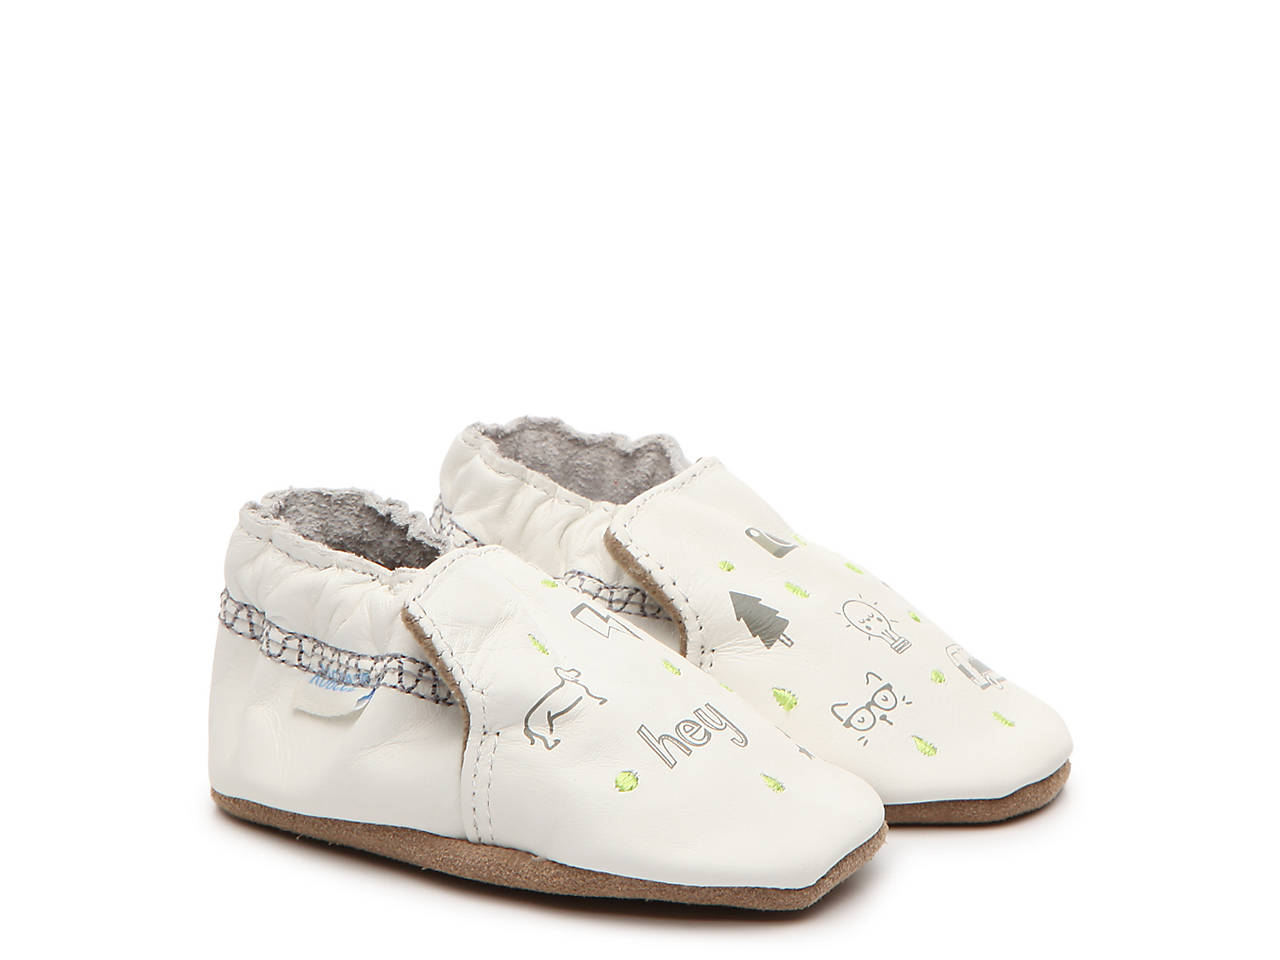 d3fc828ccf Robeez Random Icons Infant Crib Shoe Kids Shoes